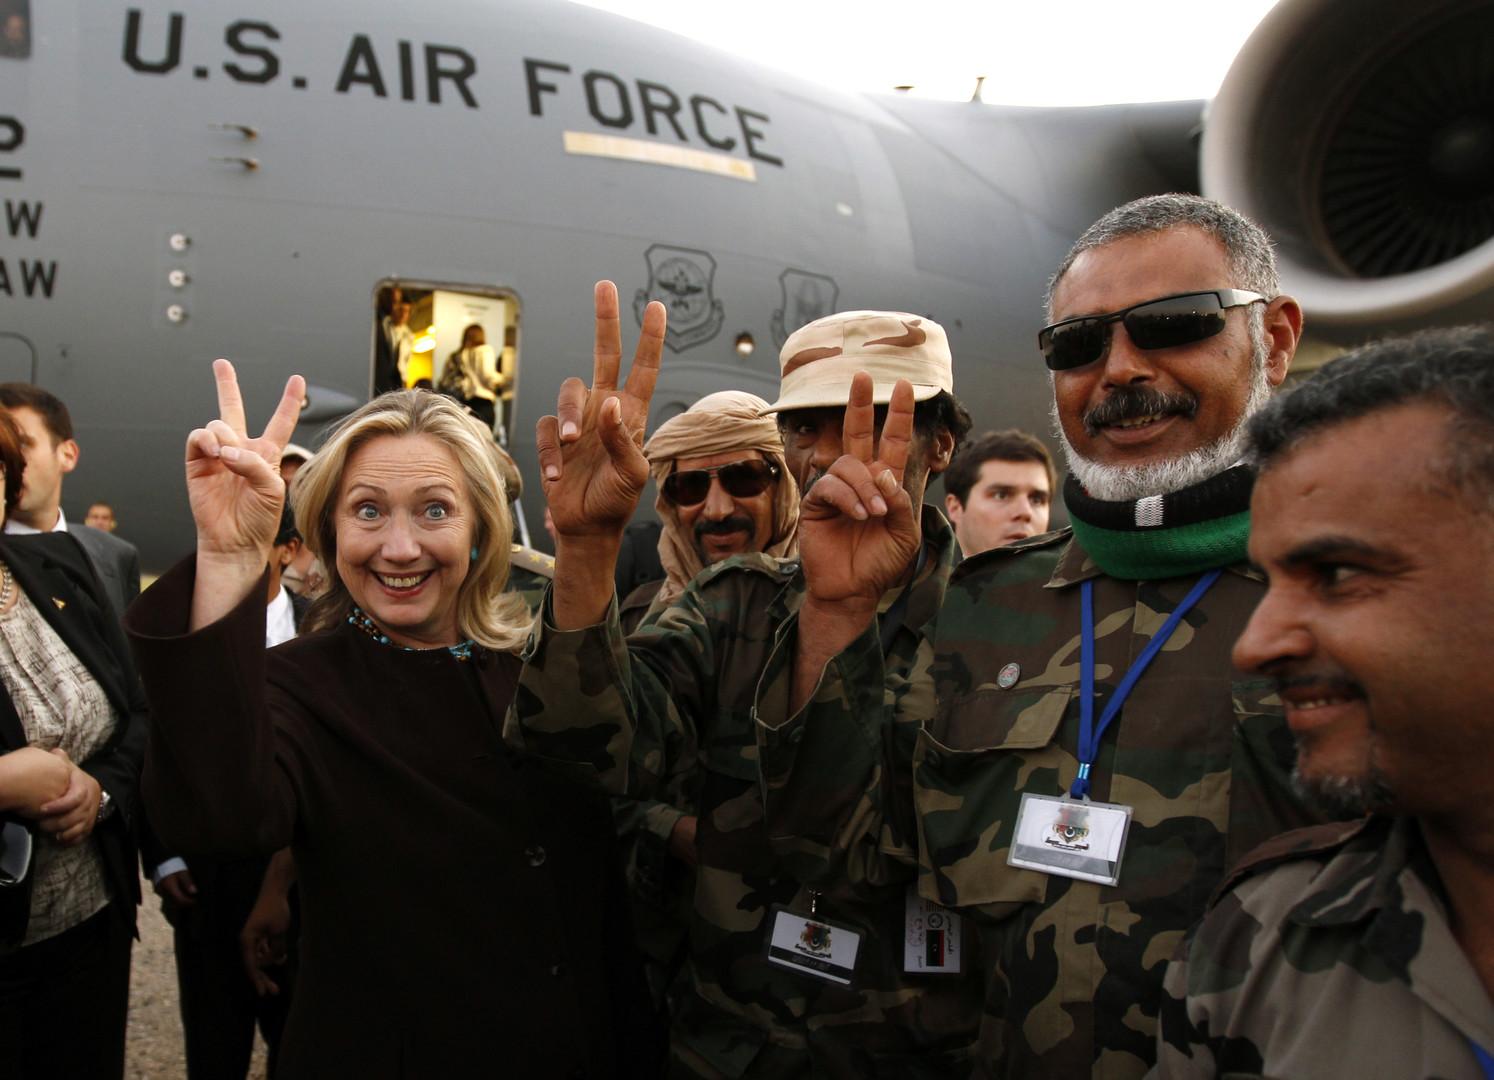 Außenministerin Hillary Clinton mit libyschen Soldaten bei ihrer Ankunft in Tripolis im Oktober 2011.